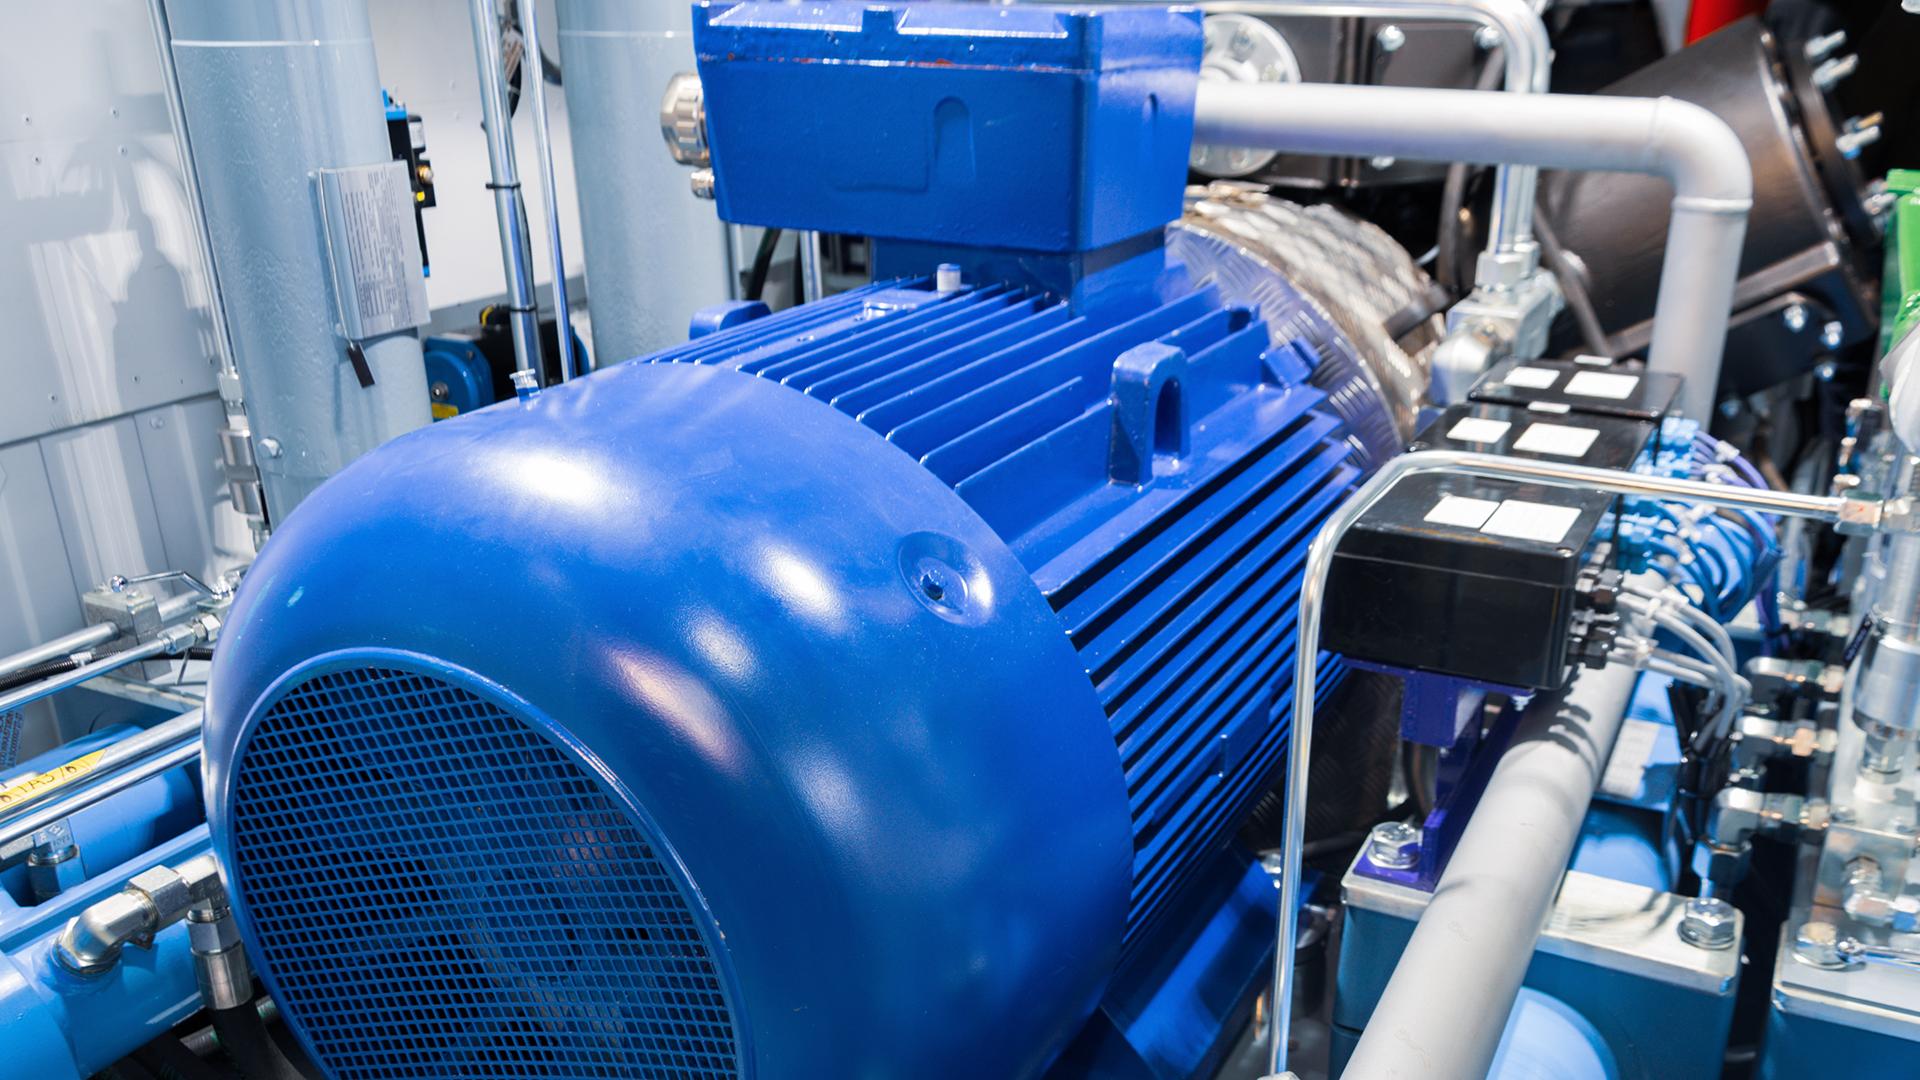 Nedarvning af data effektiviserer arbejdet for producenter af pumper og ventiler